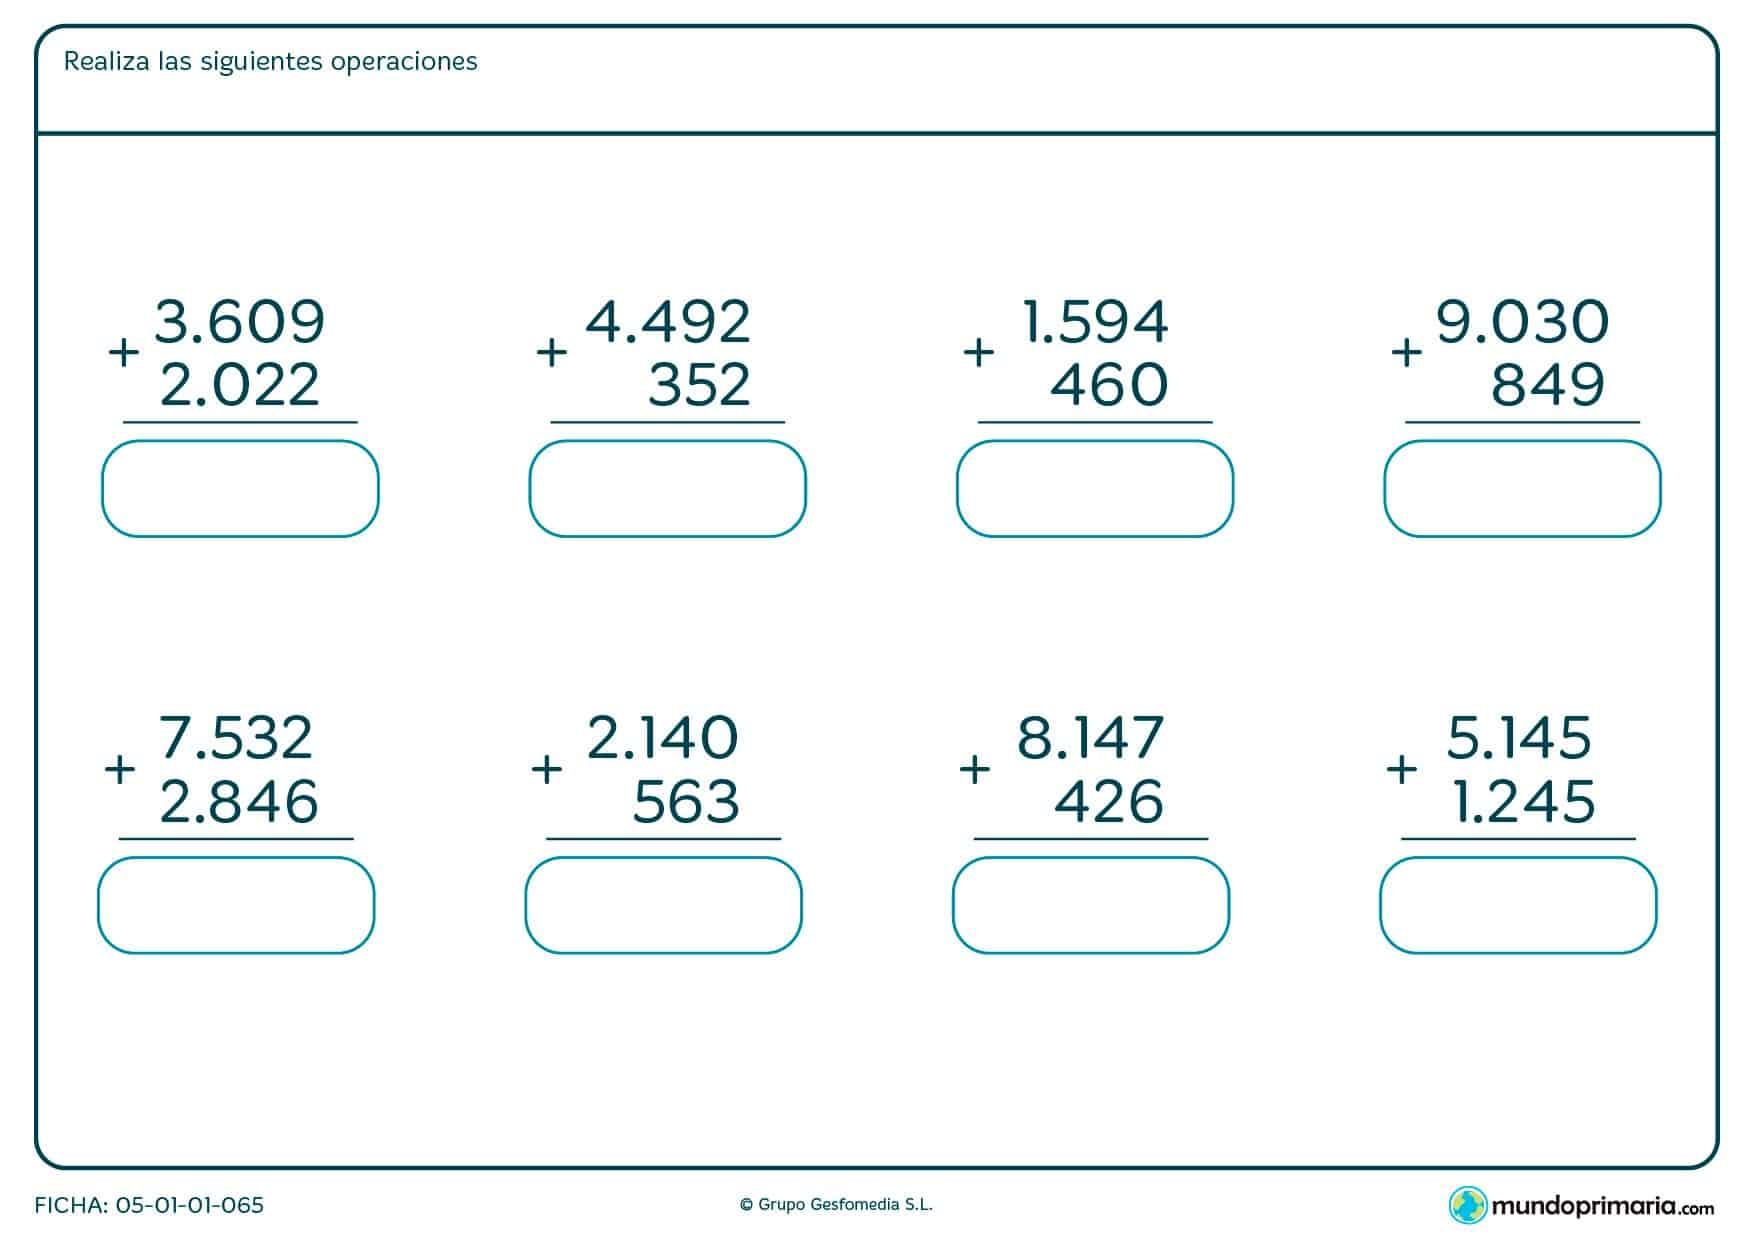 Completa los huecos en blanco con las soluciones a las sumas propuestas.